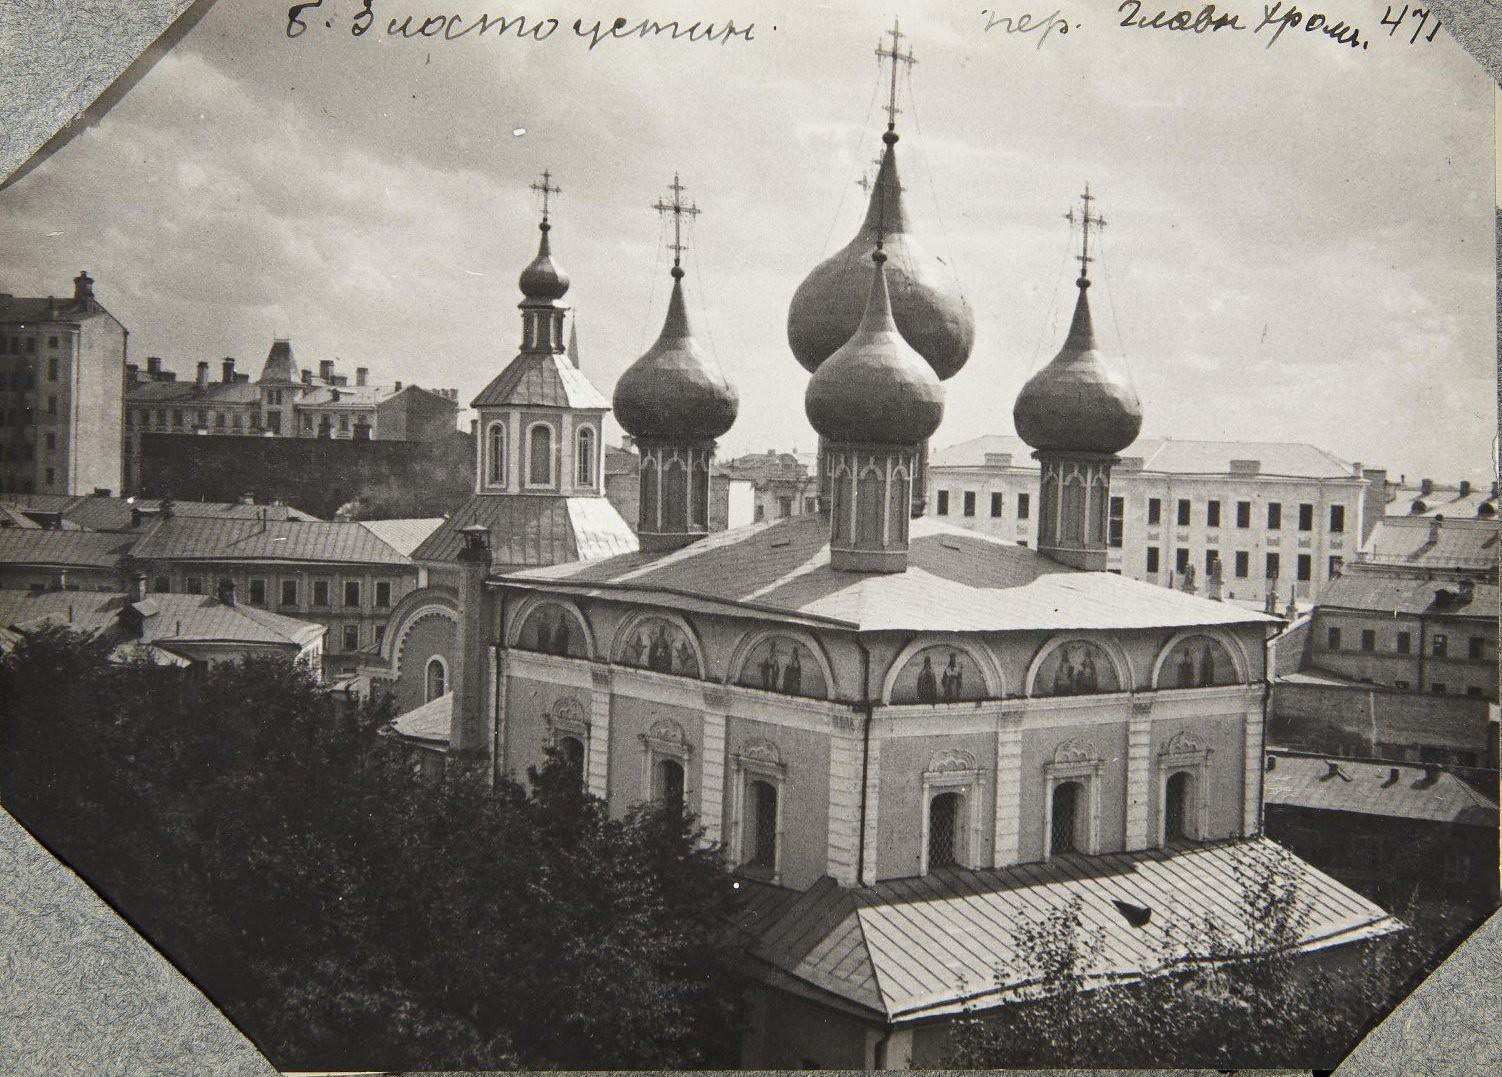 Вид внутри Златоустовского монастыря на собор Иоанна Златоуста